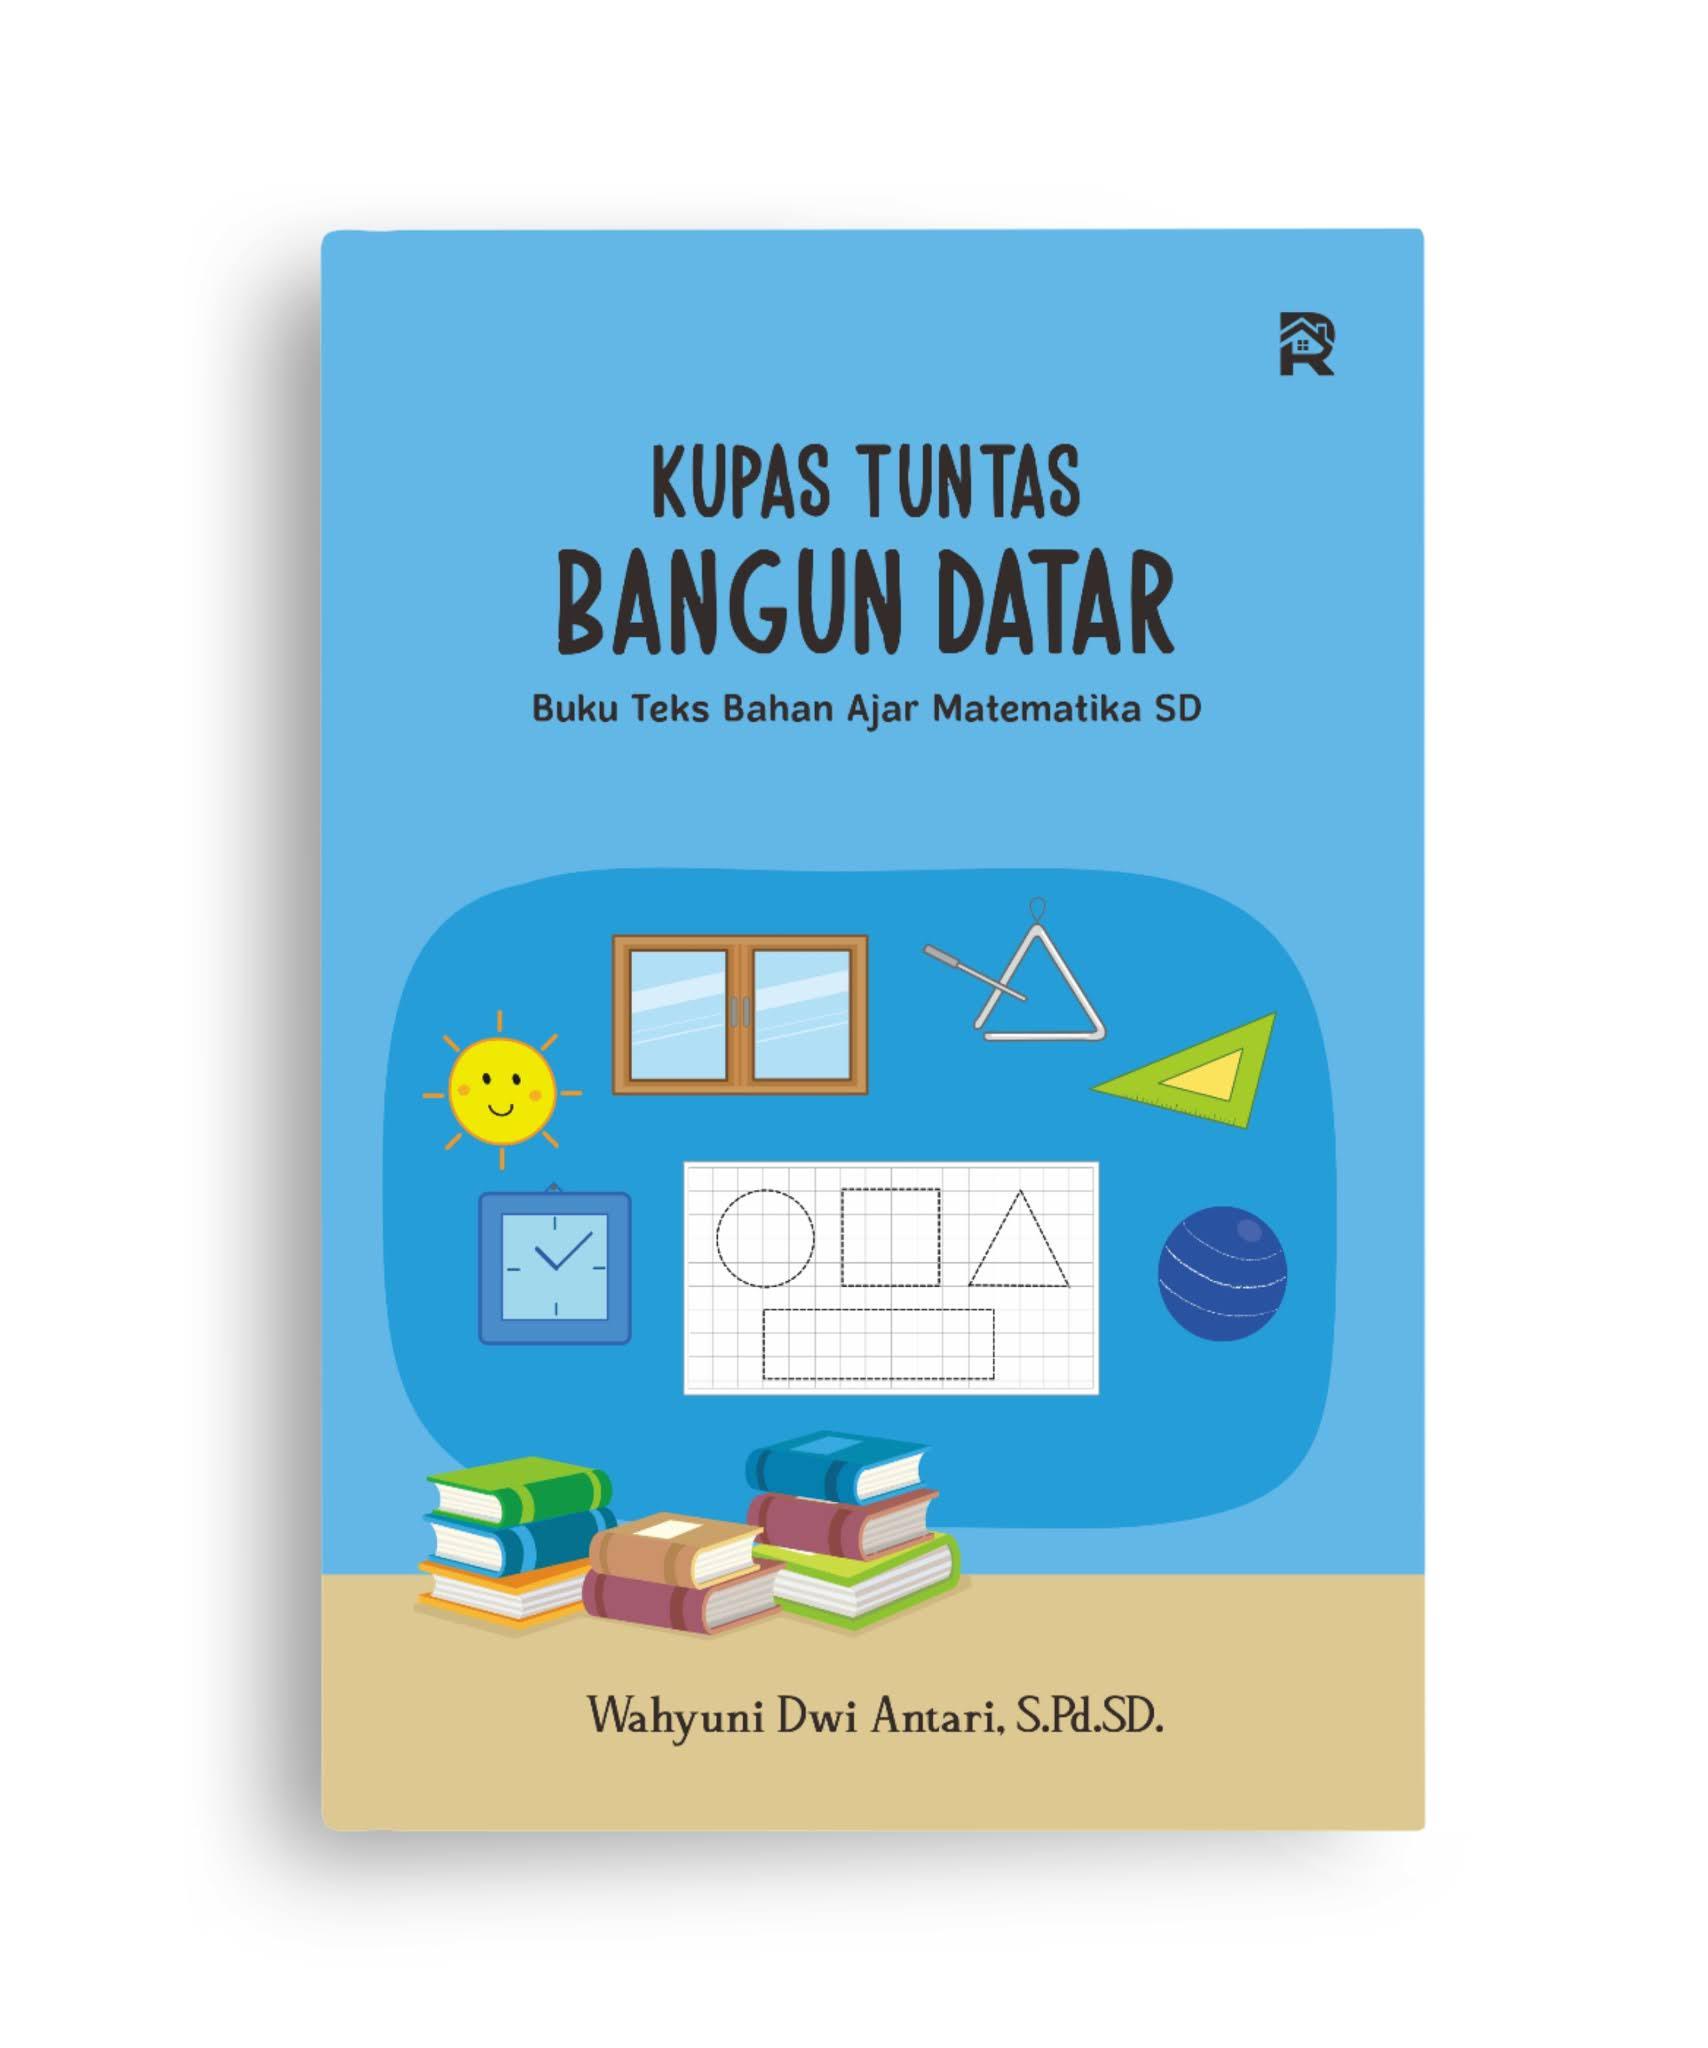 Kupas Tuntas Bangun Datar (Buku Teks Bahan Ajar Matematika SD)